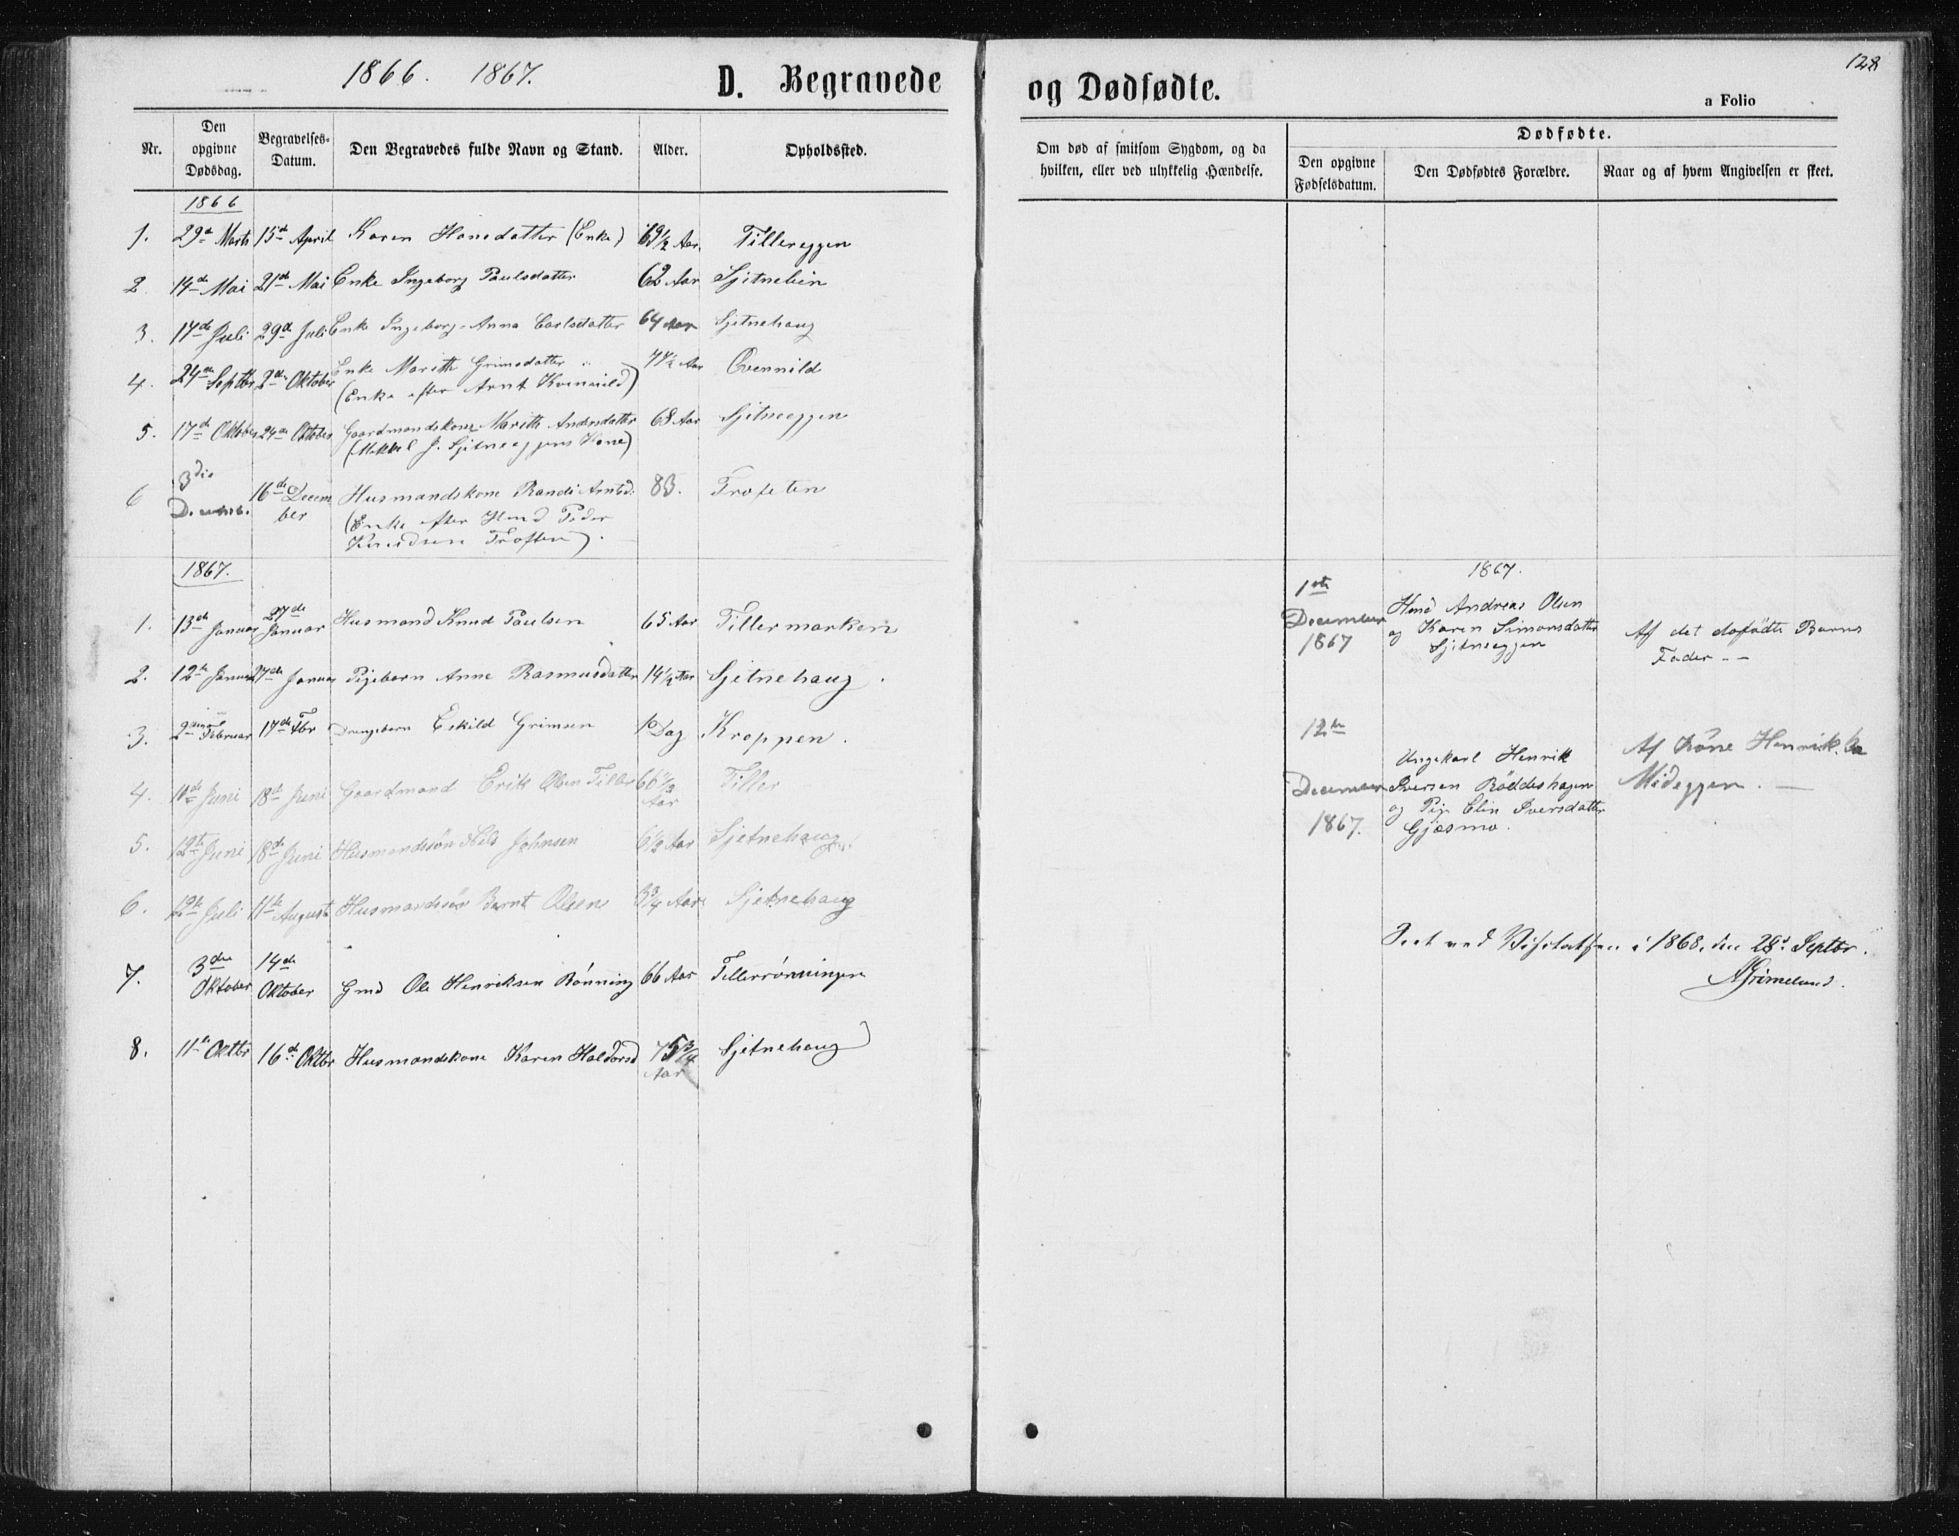 SAT, Ministerialprotokoller, klokkerbøker og fødselsregistre - Sør-Trøndelag, 621/L0459: Klokkerbok nr. 621C02, 1866-1895, s. 128